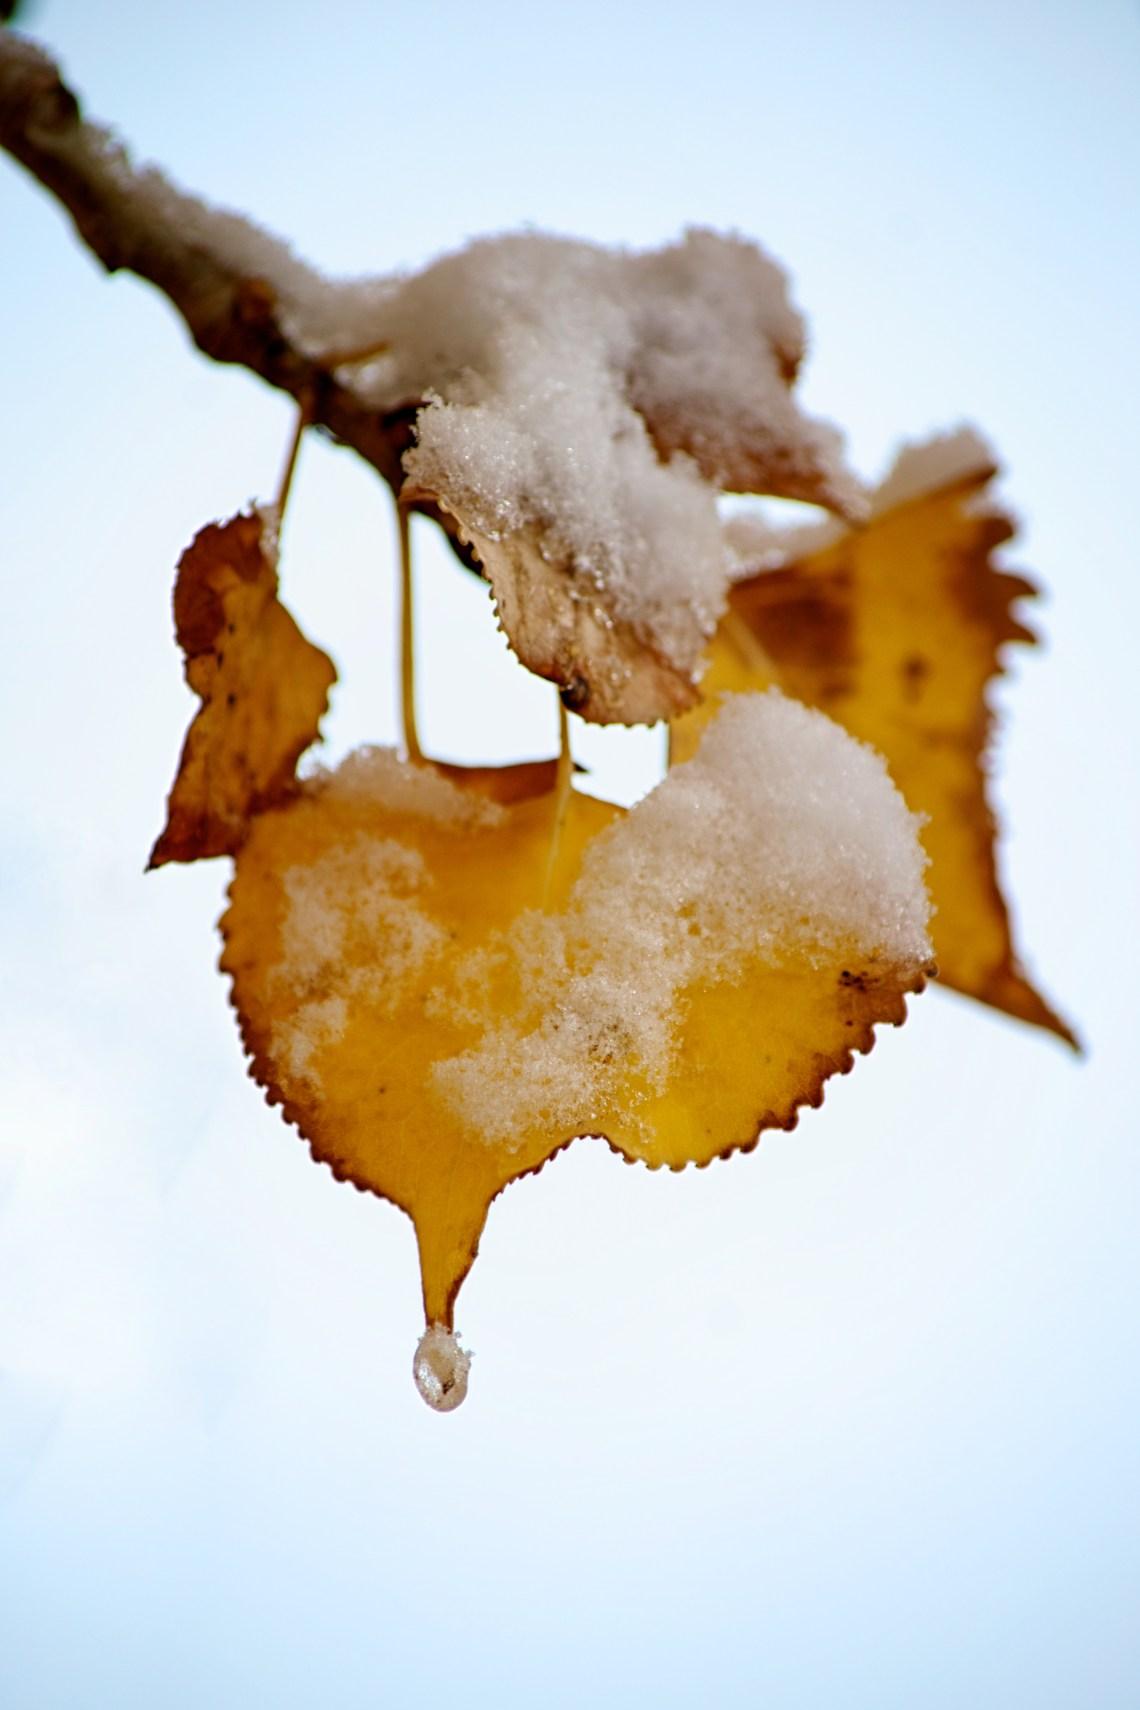 Snowy Aspen Leaf Cluster